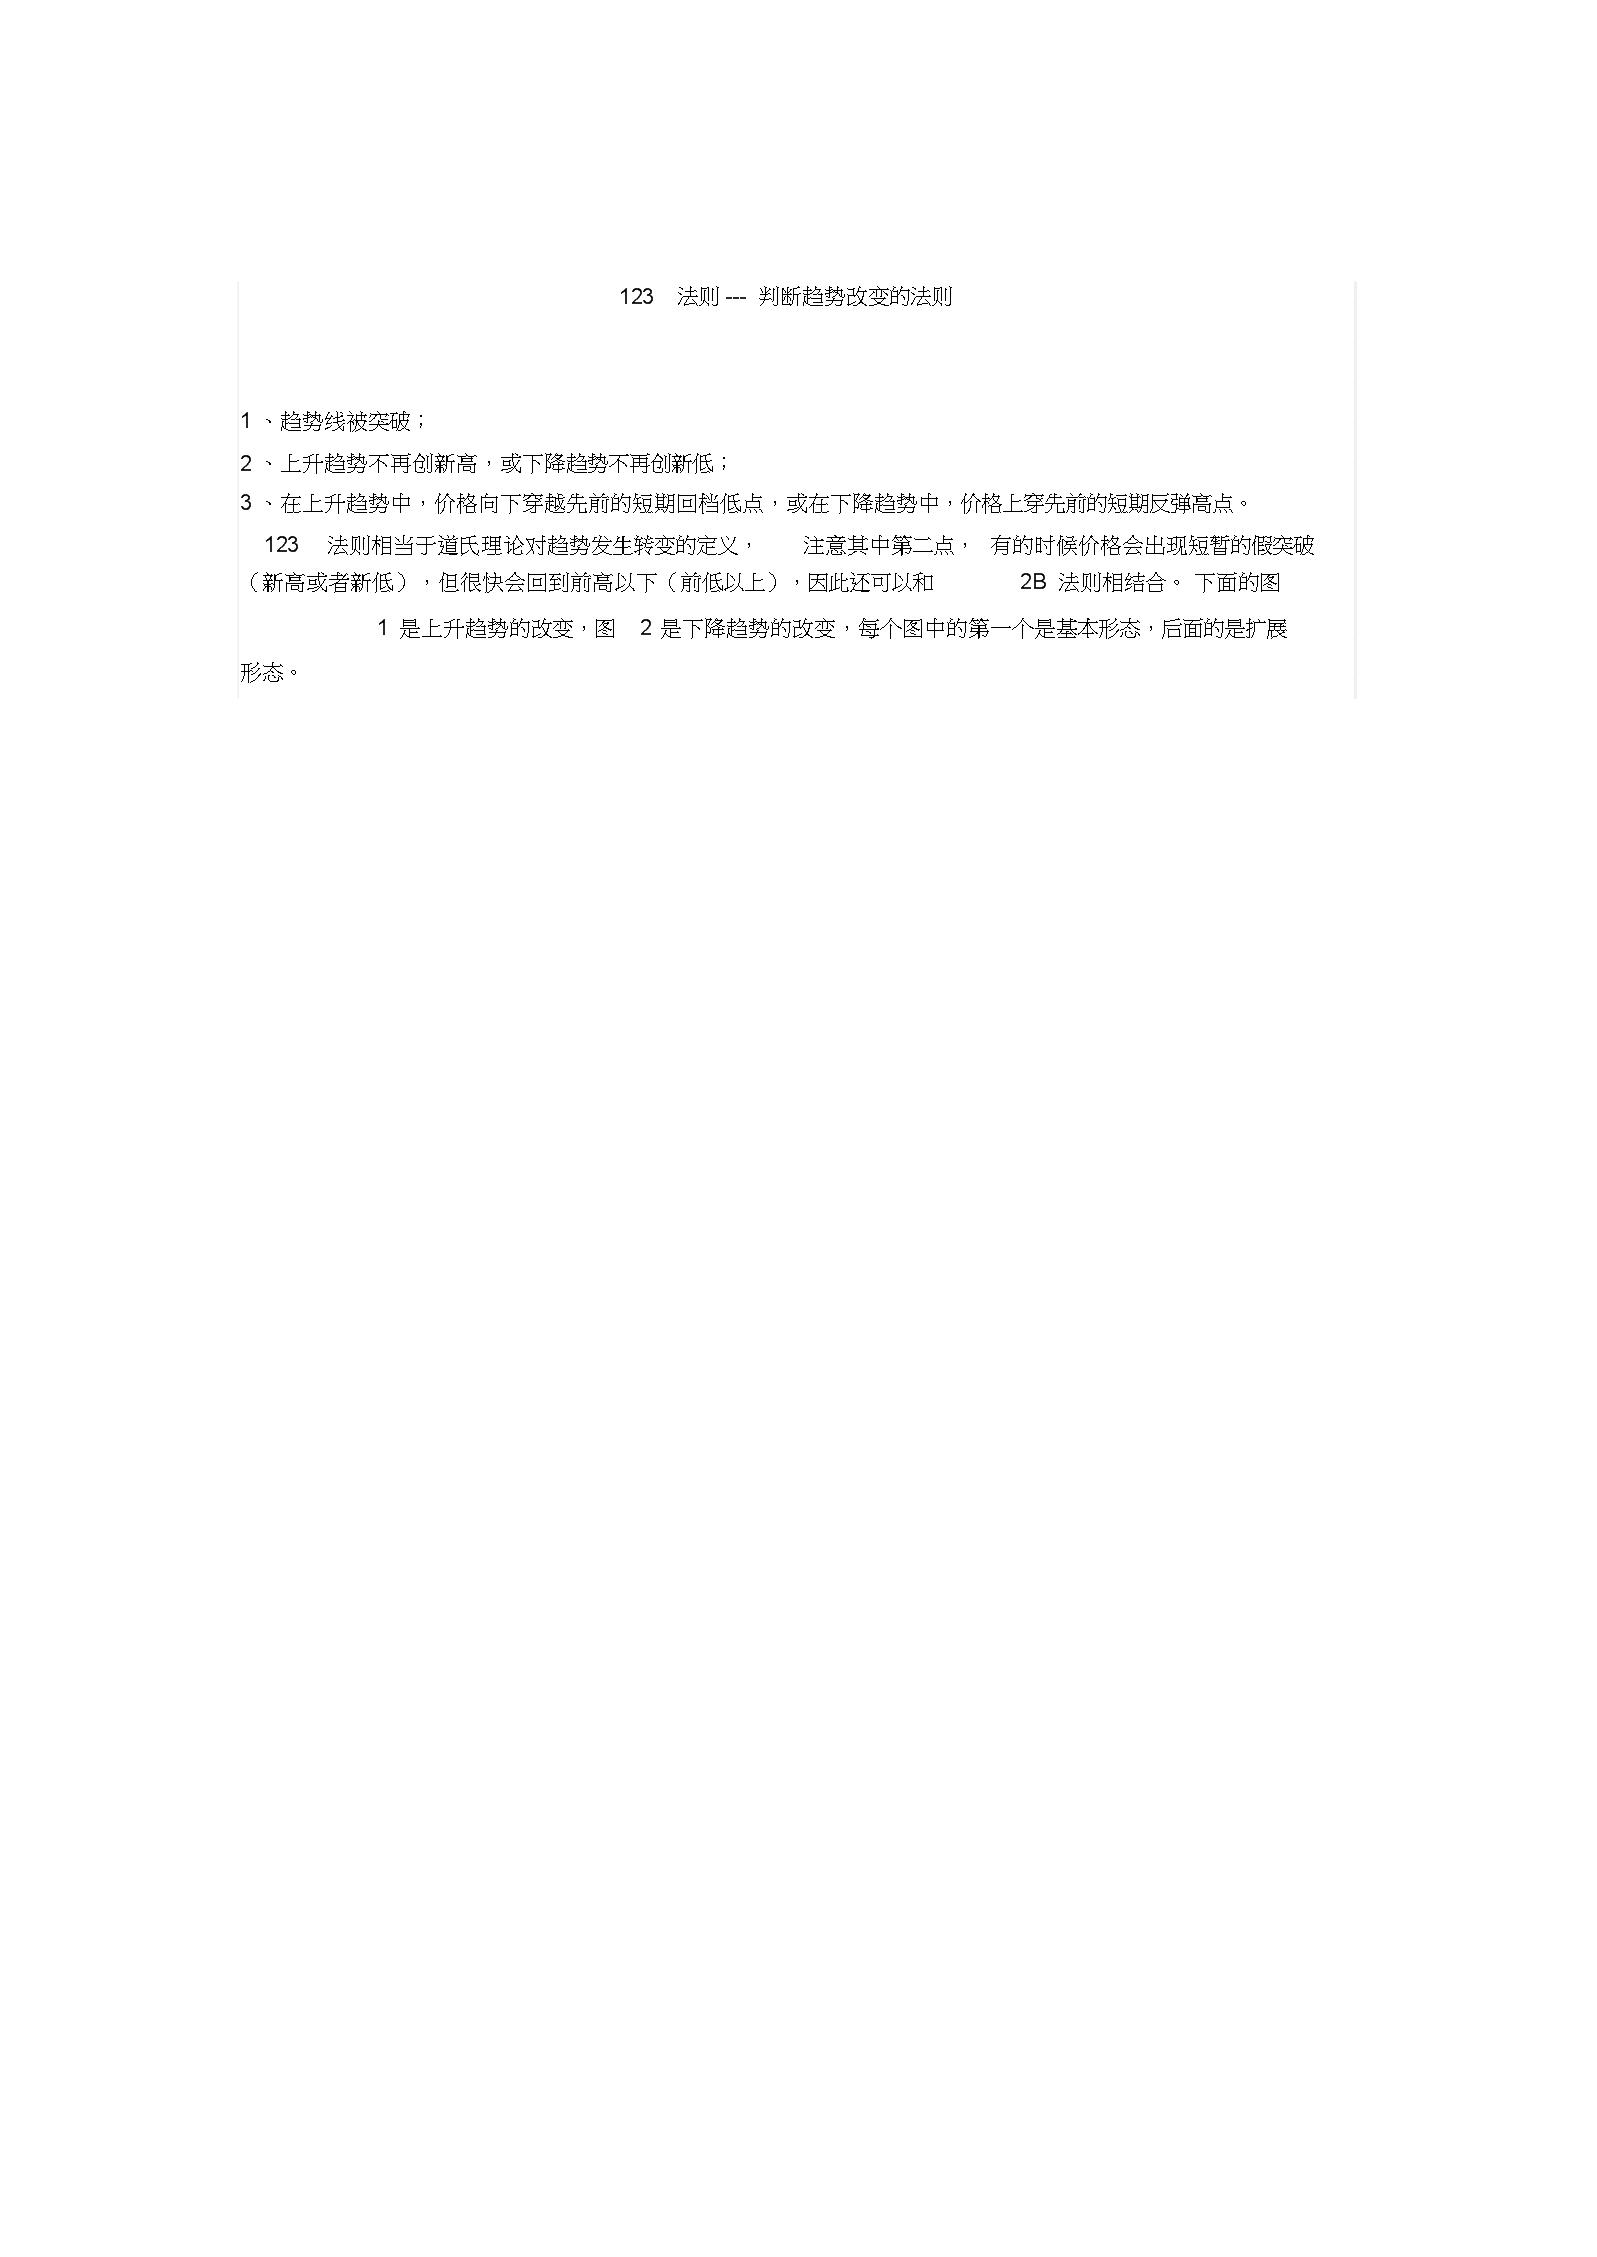 123法则+缠论图解+洛氏交易买卖.docx